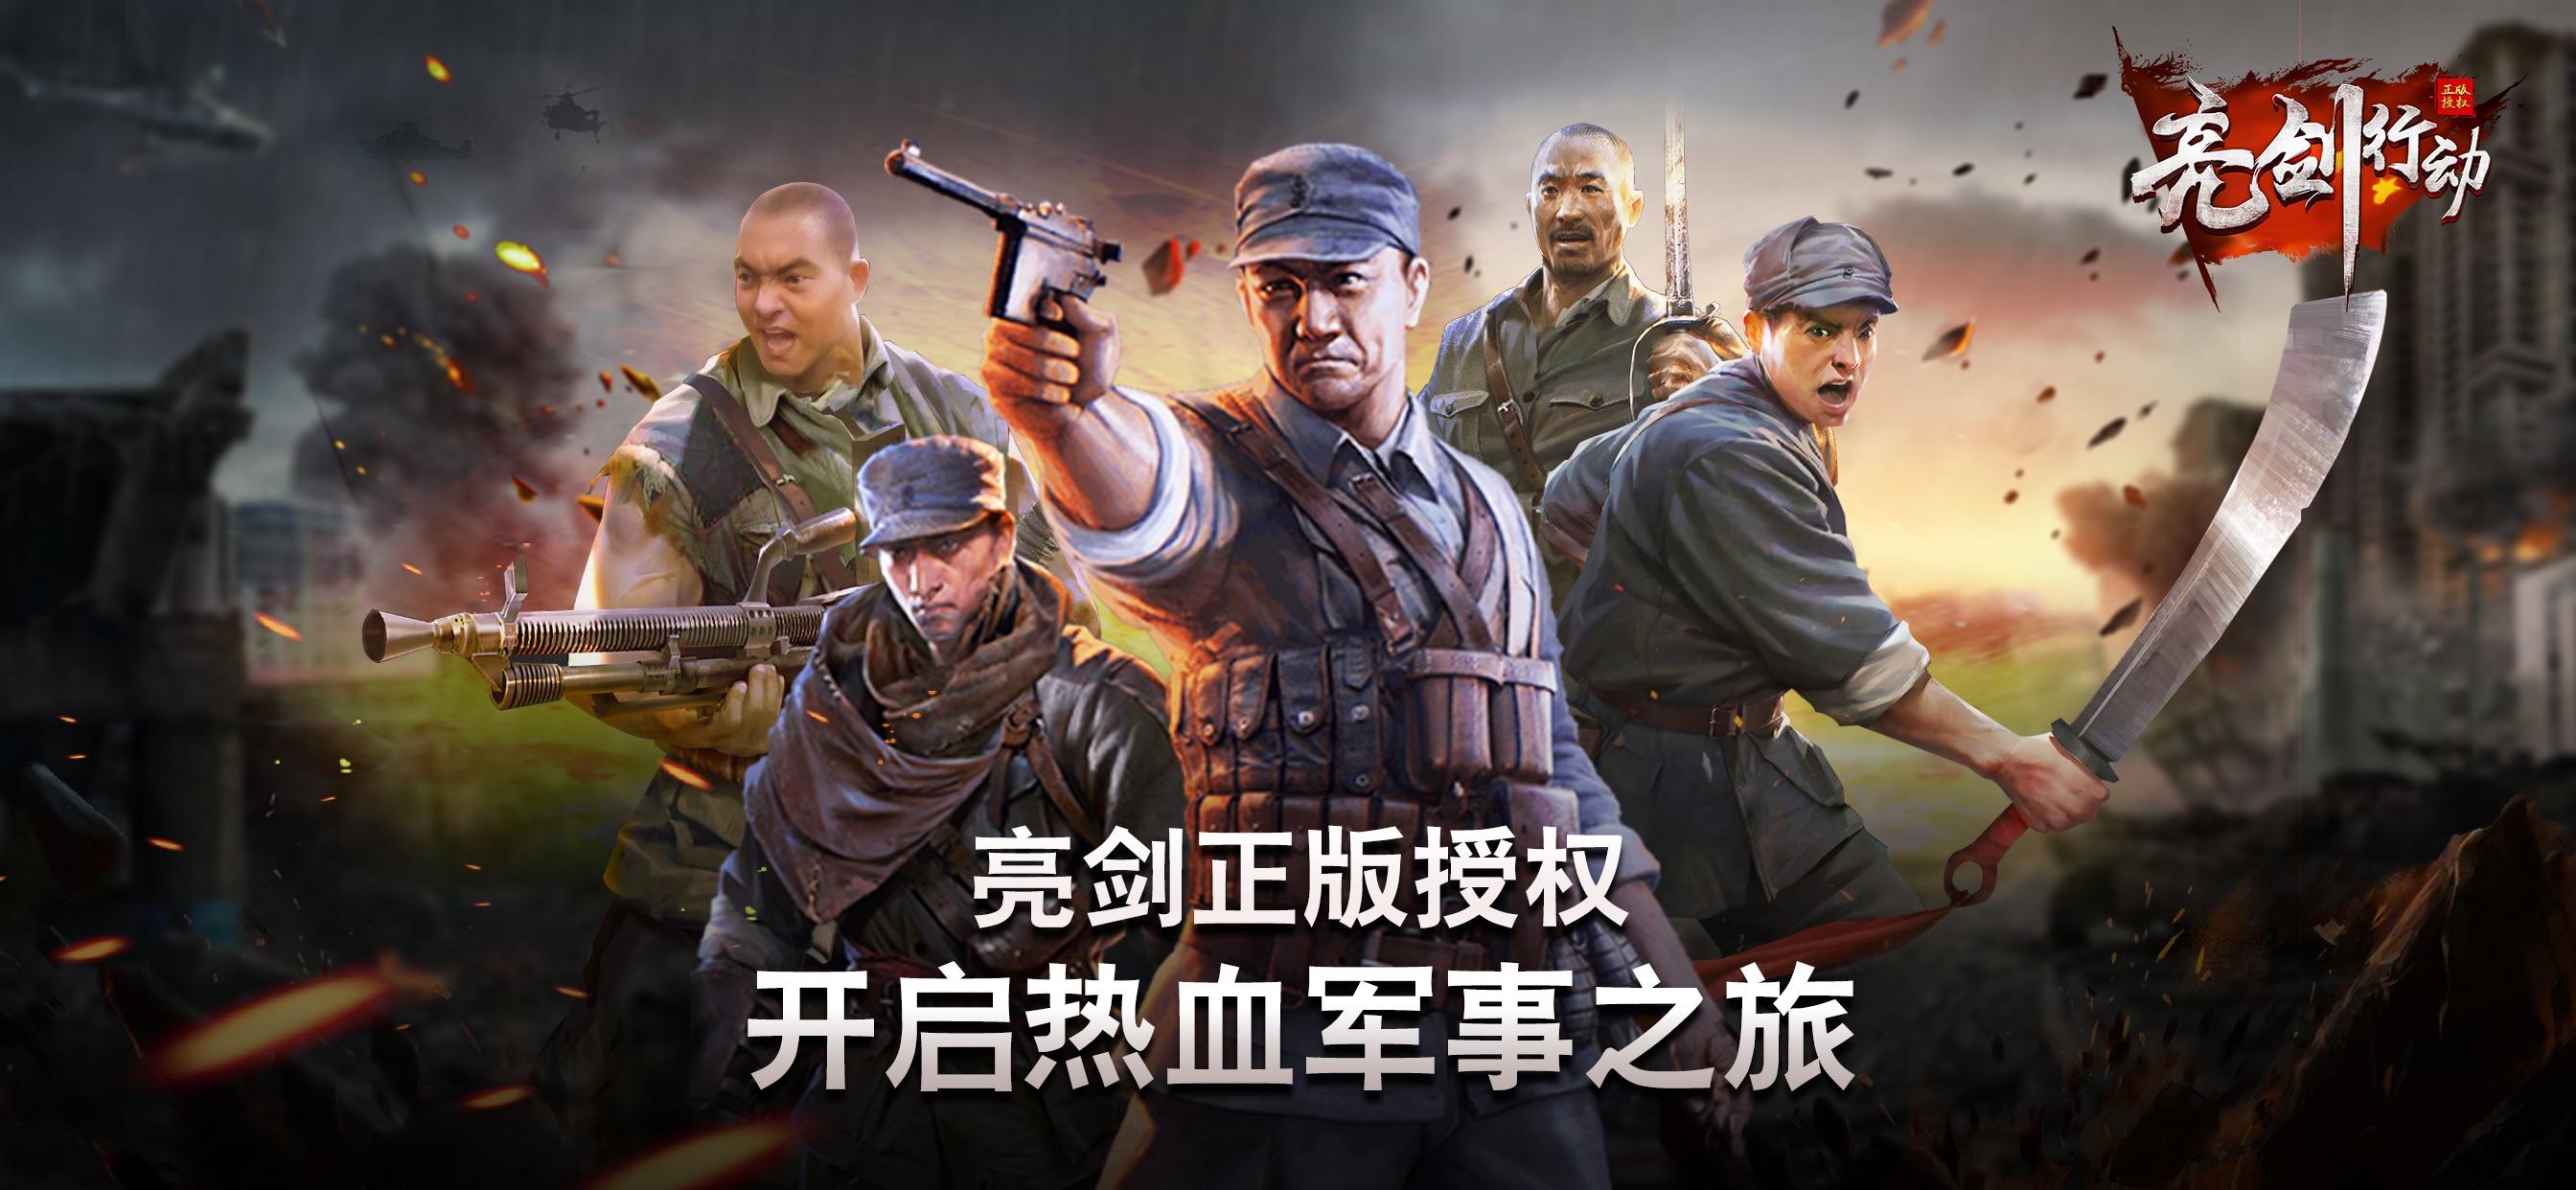 亮剑行动ios版1.6